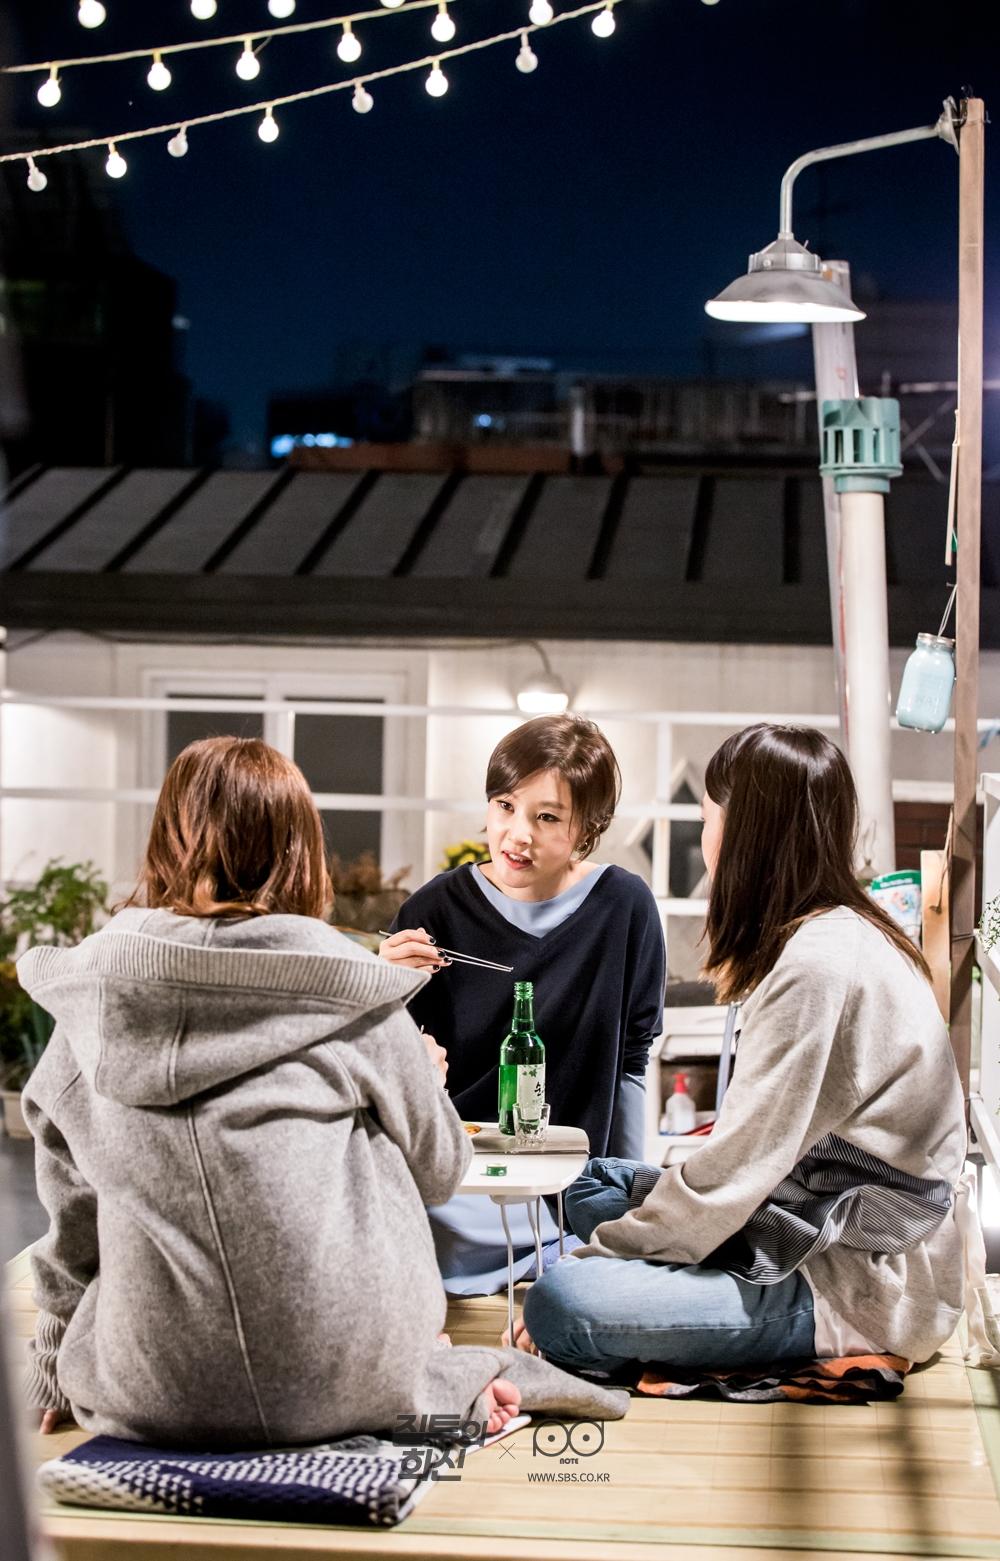 술상에 둘러 앉아 소주 마시는 씬 촬영 중인 공효진, 이미숙, 박지영 1